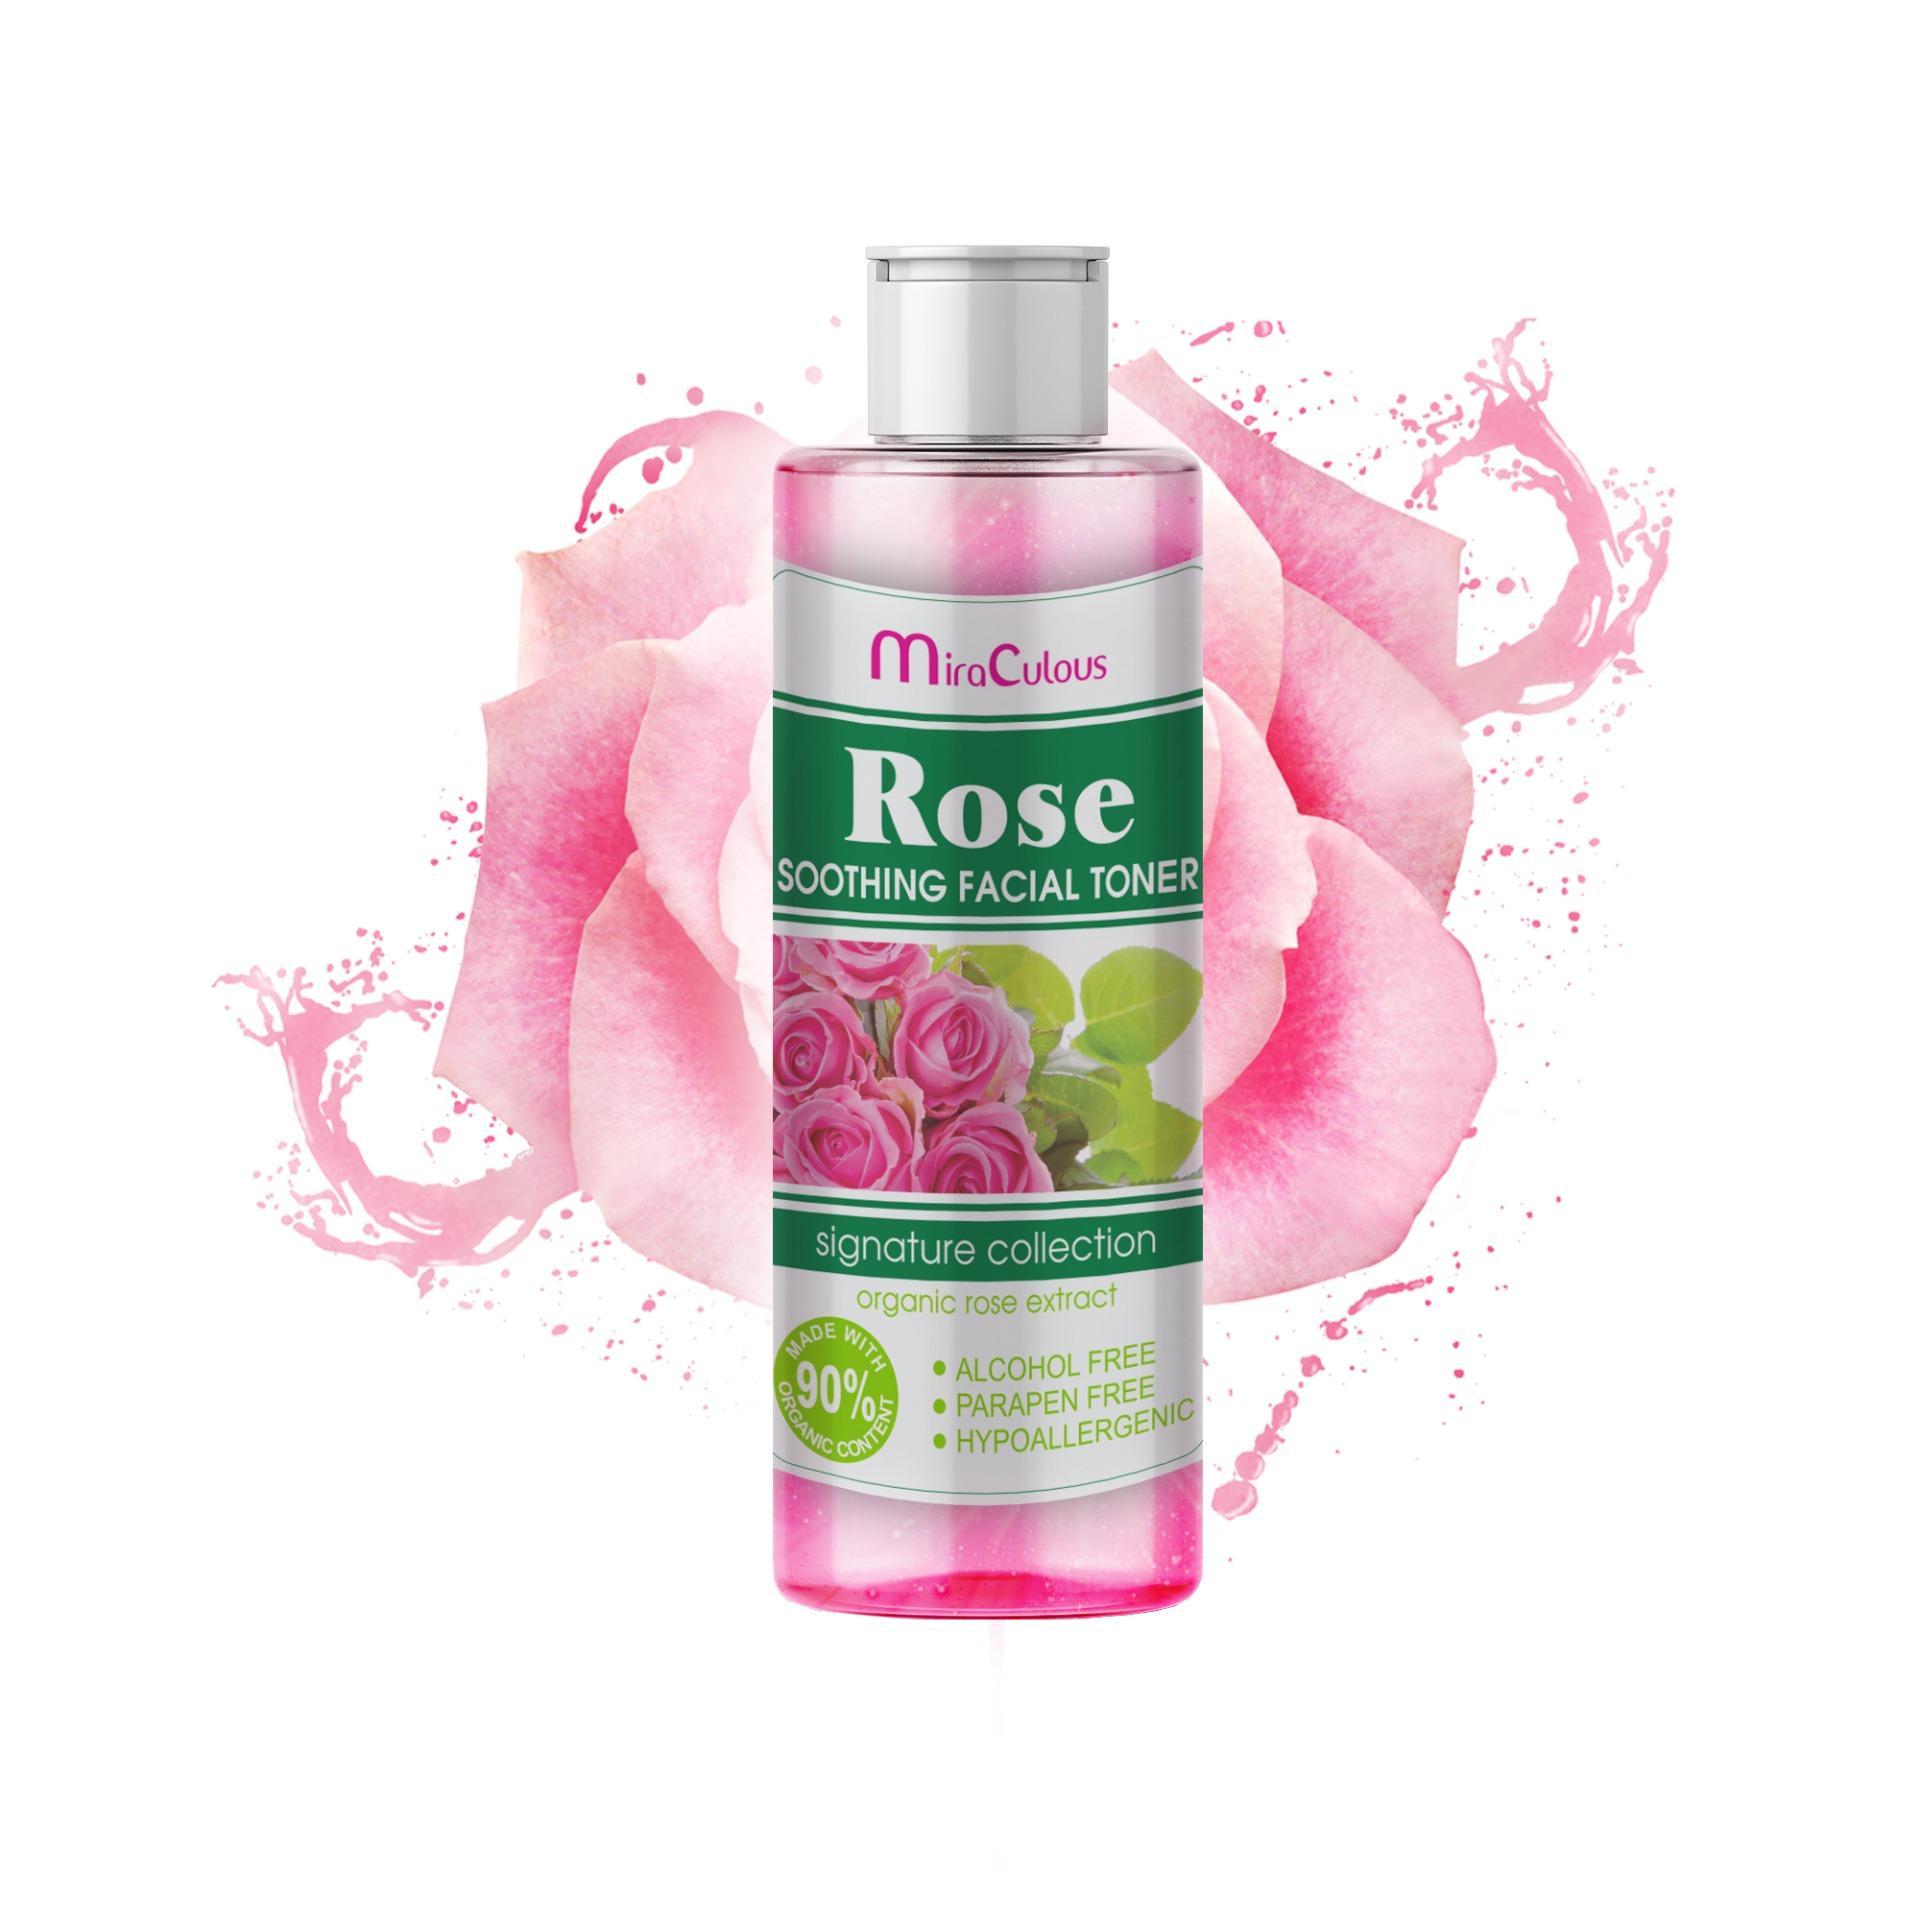 Nước hoa hồng se khít lỗ chân lông trắng da Mira Culous Rose Soothing Facial Hàn Quốc 150ml - Hàng chính hãng nhập khẩu